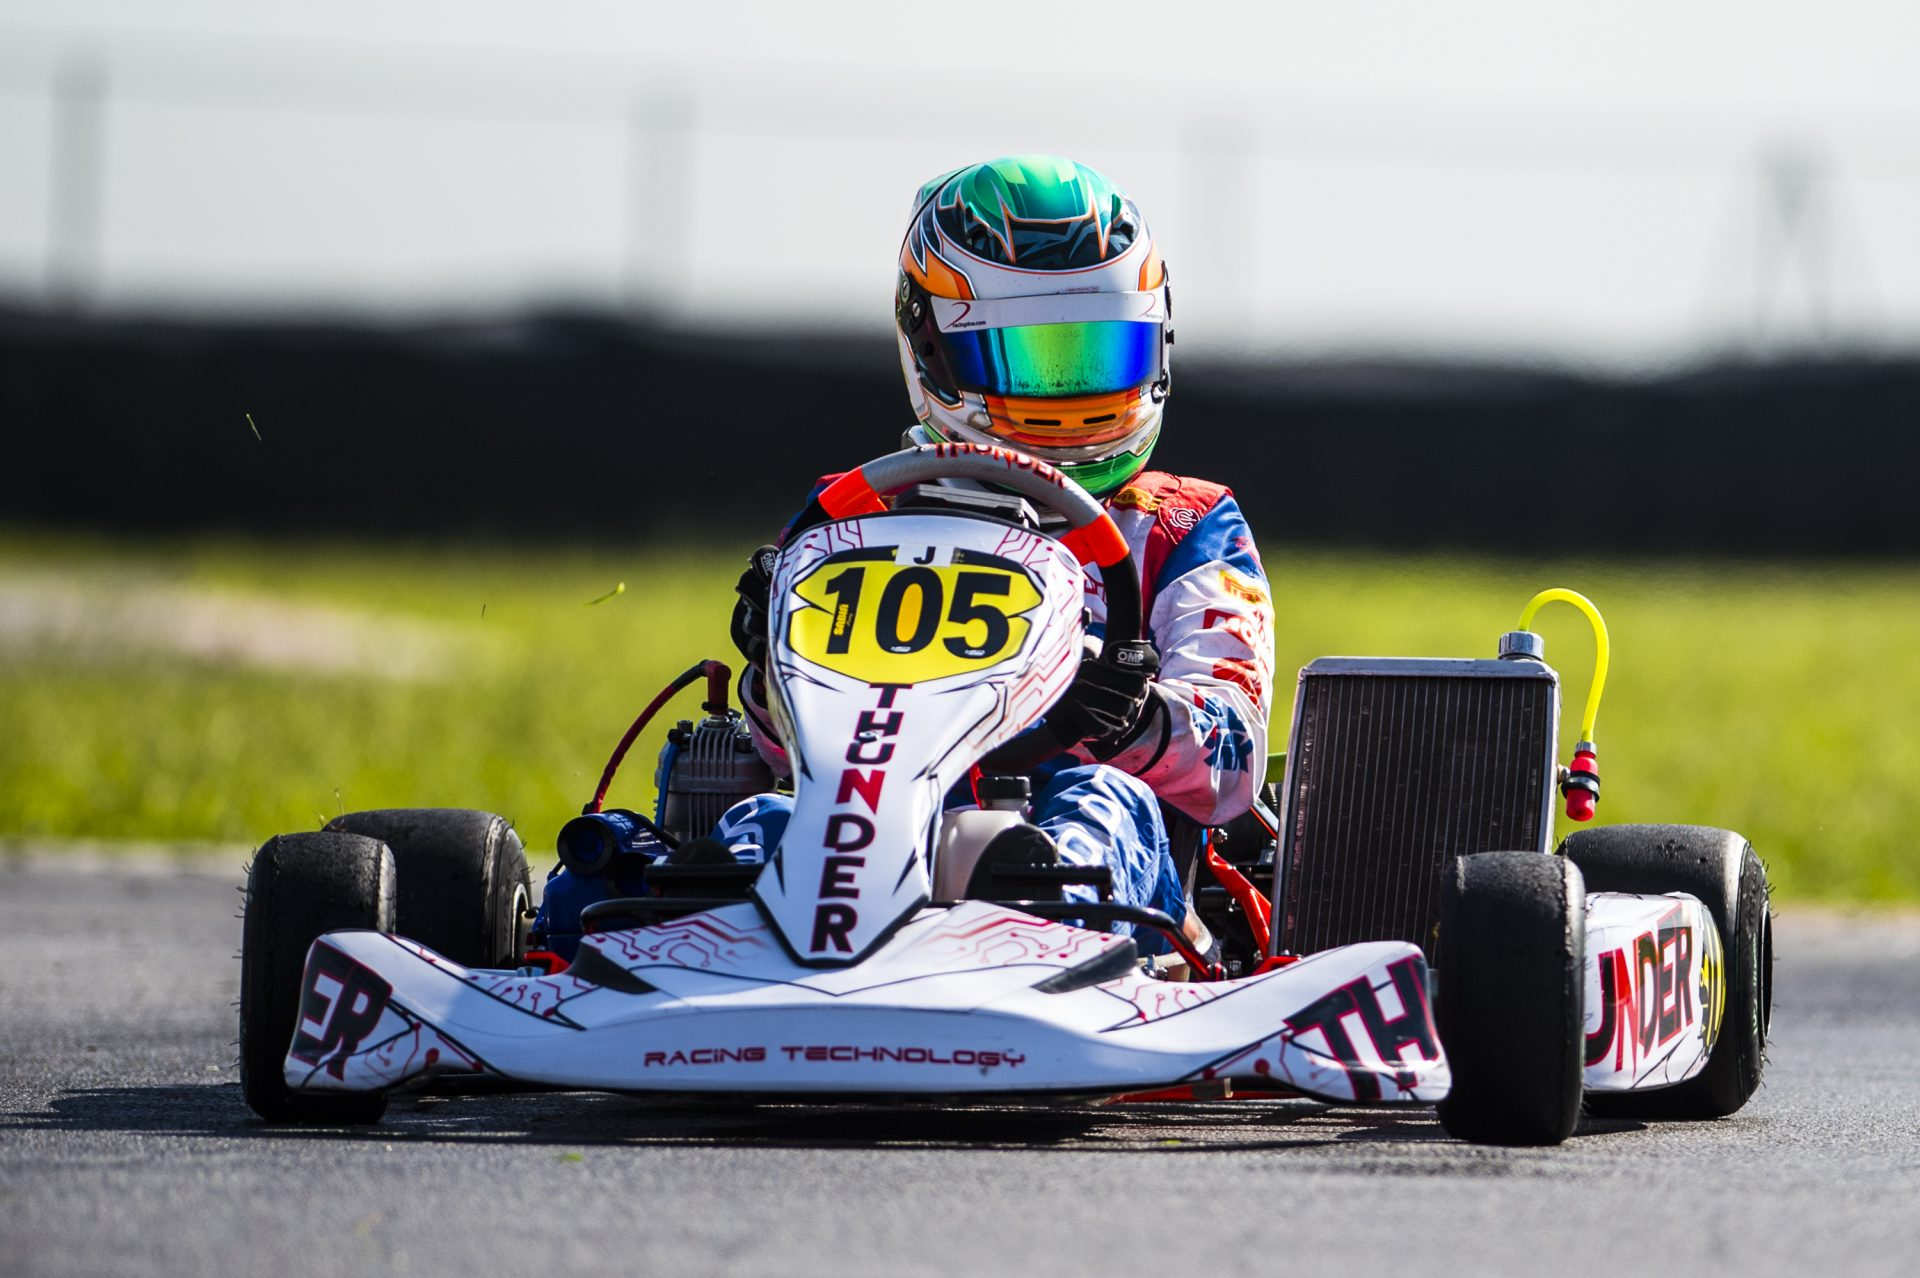 Photo of Kart – Campeão brasileiro de kart, Ricardo Gracia busca seu segundo pódio em Interlagos na temporada